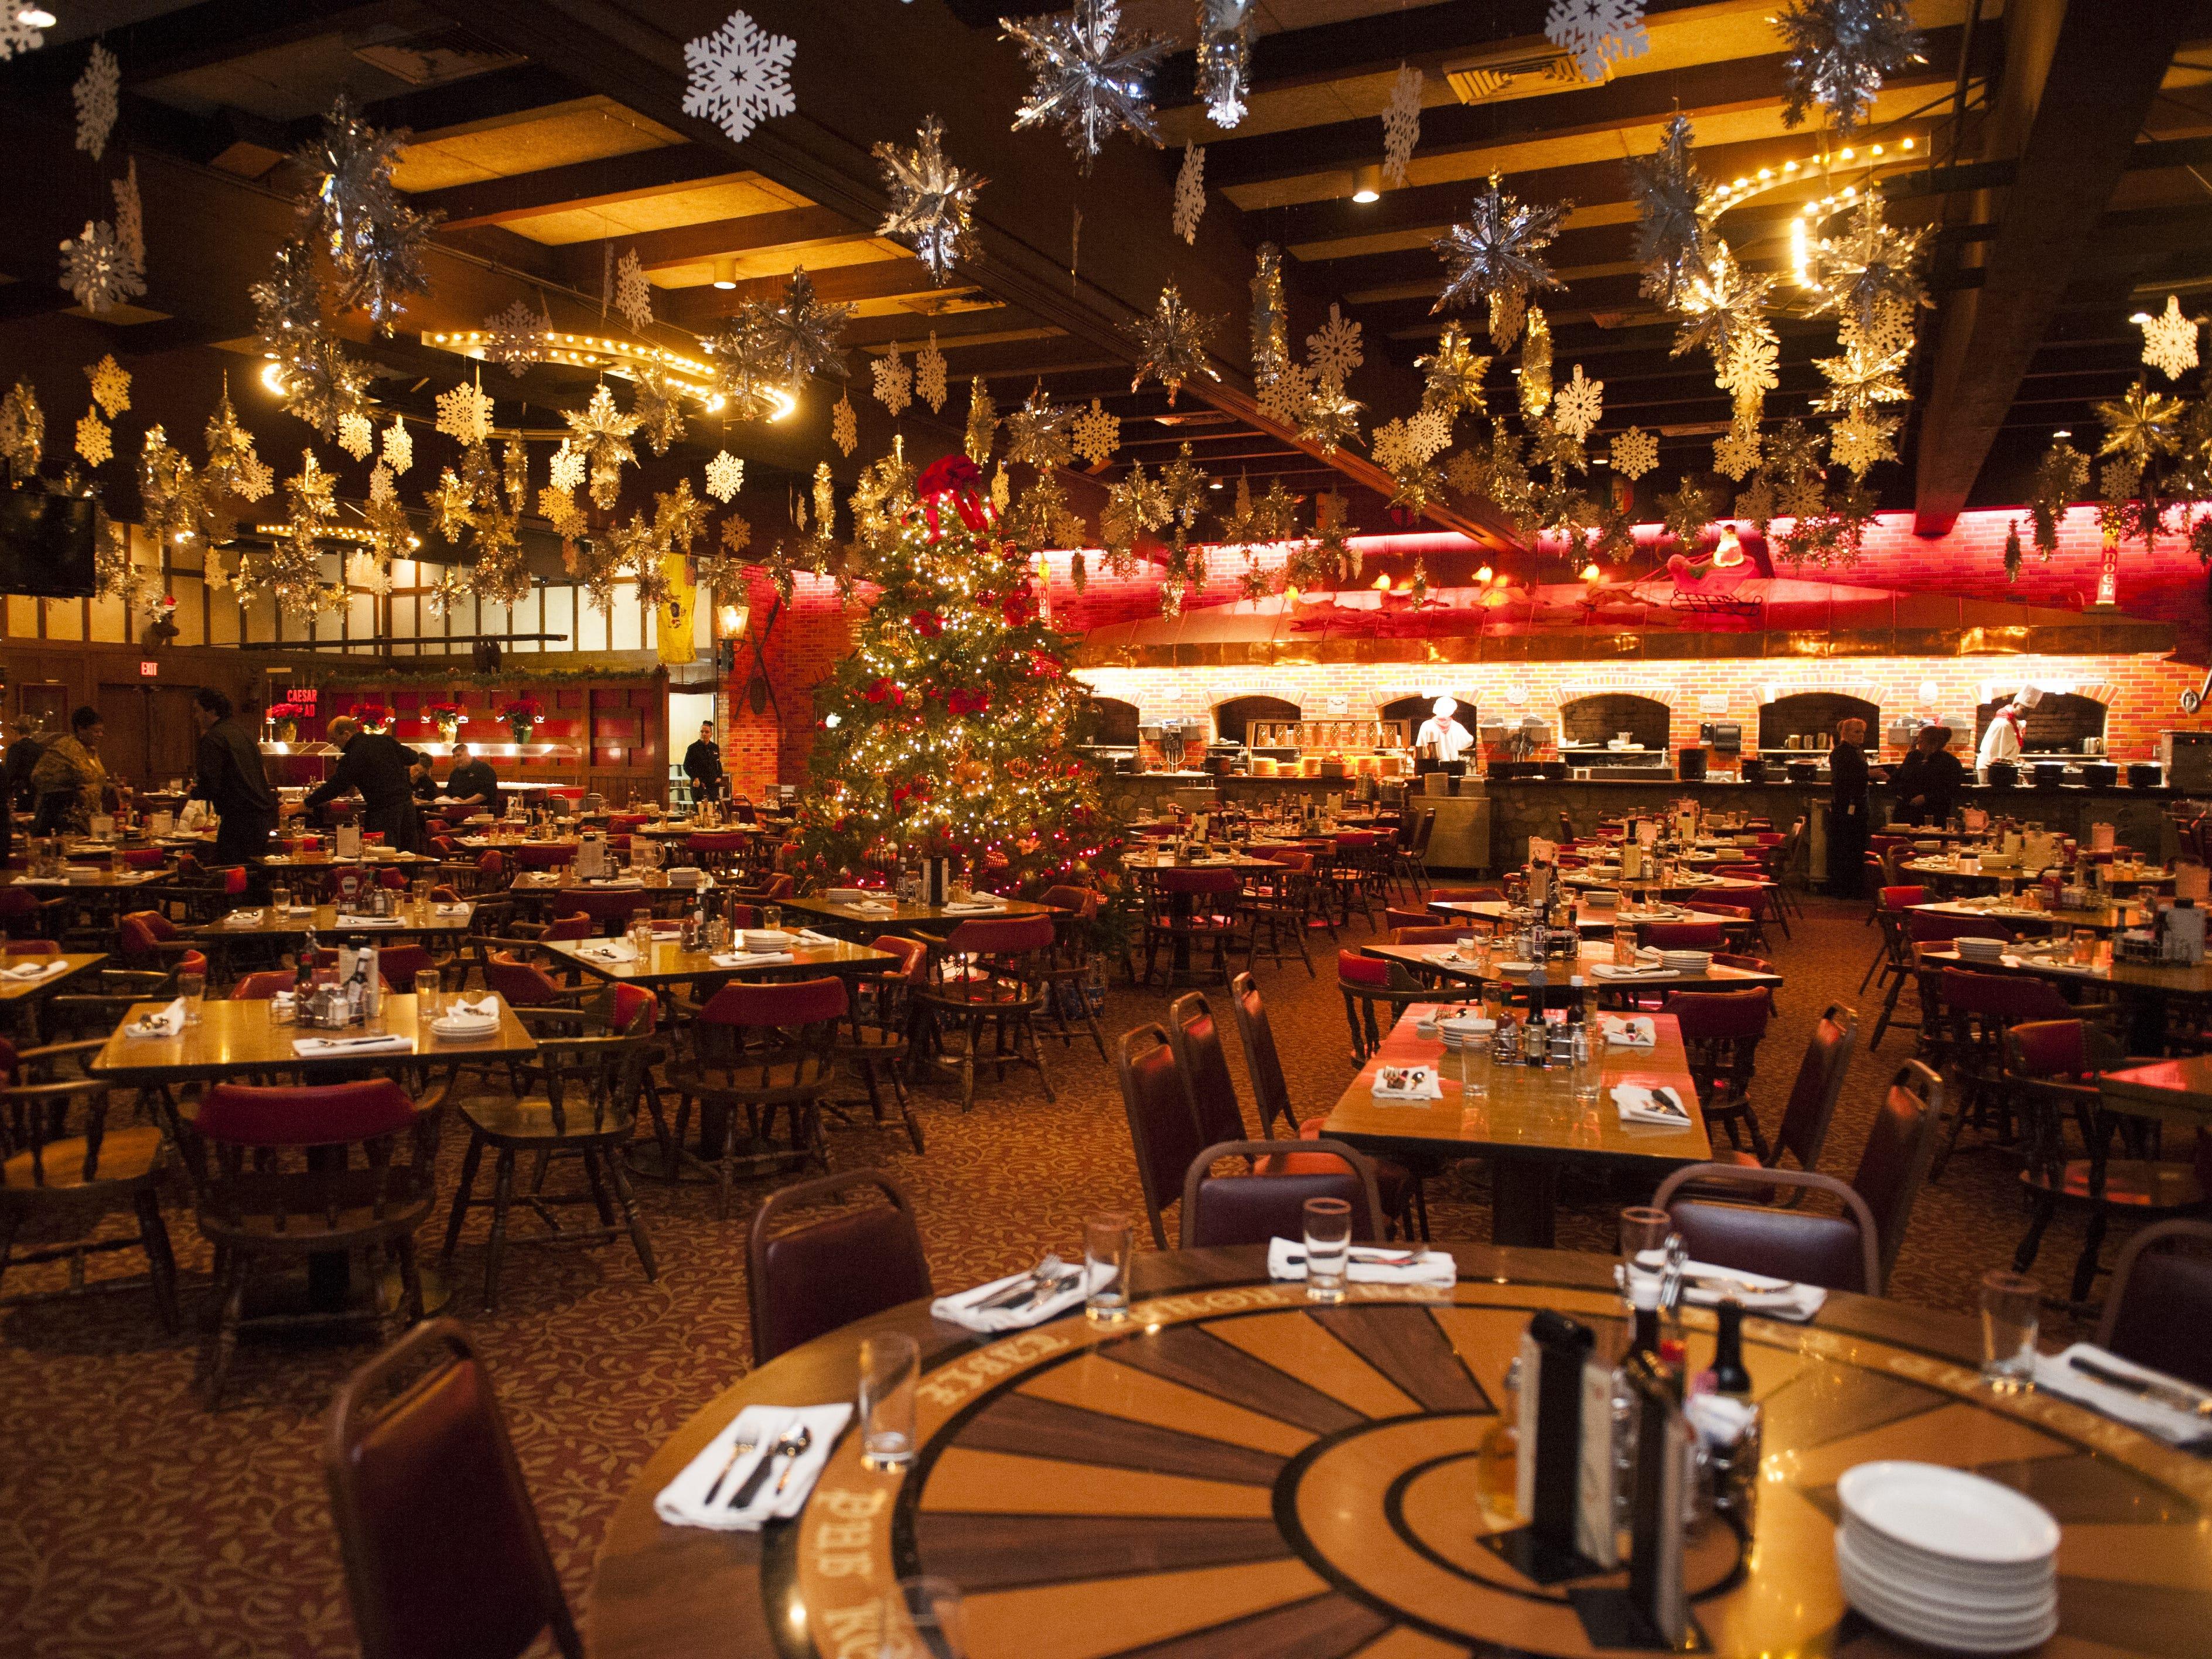 Main dining area at The Pub in Pennsauken.